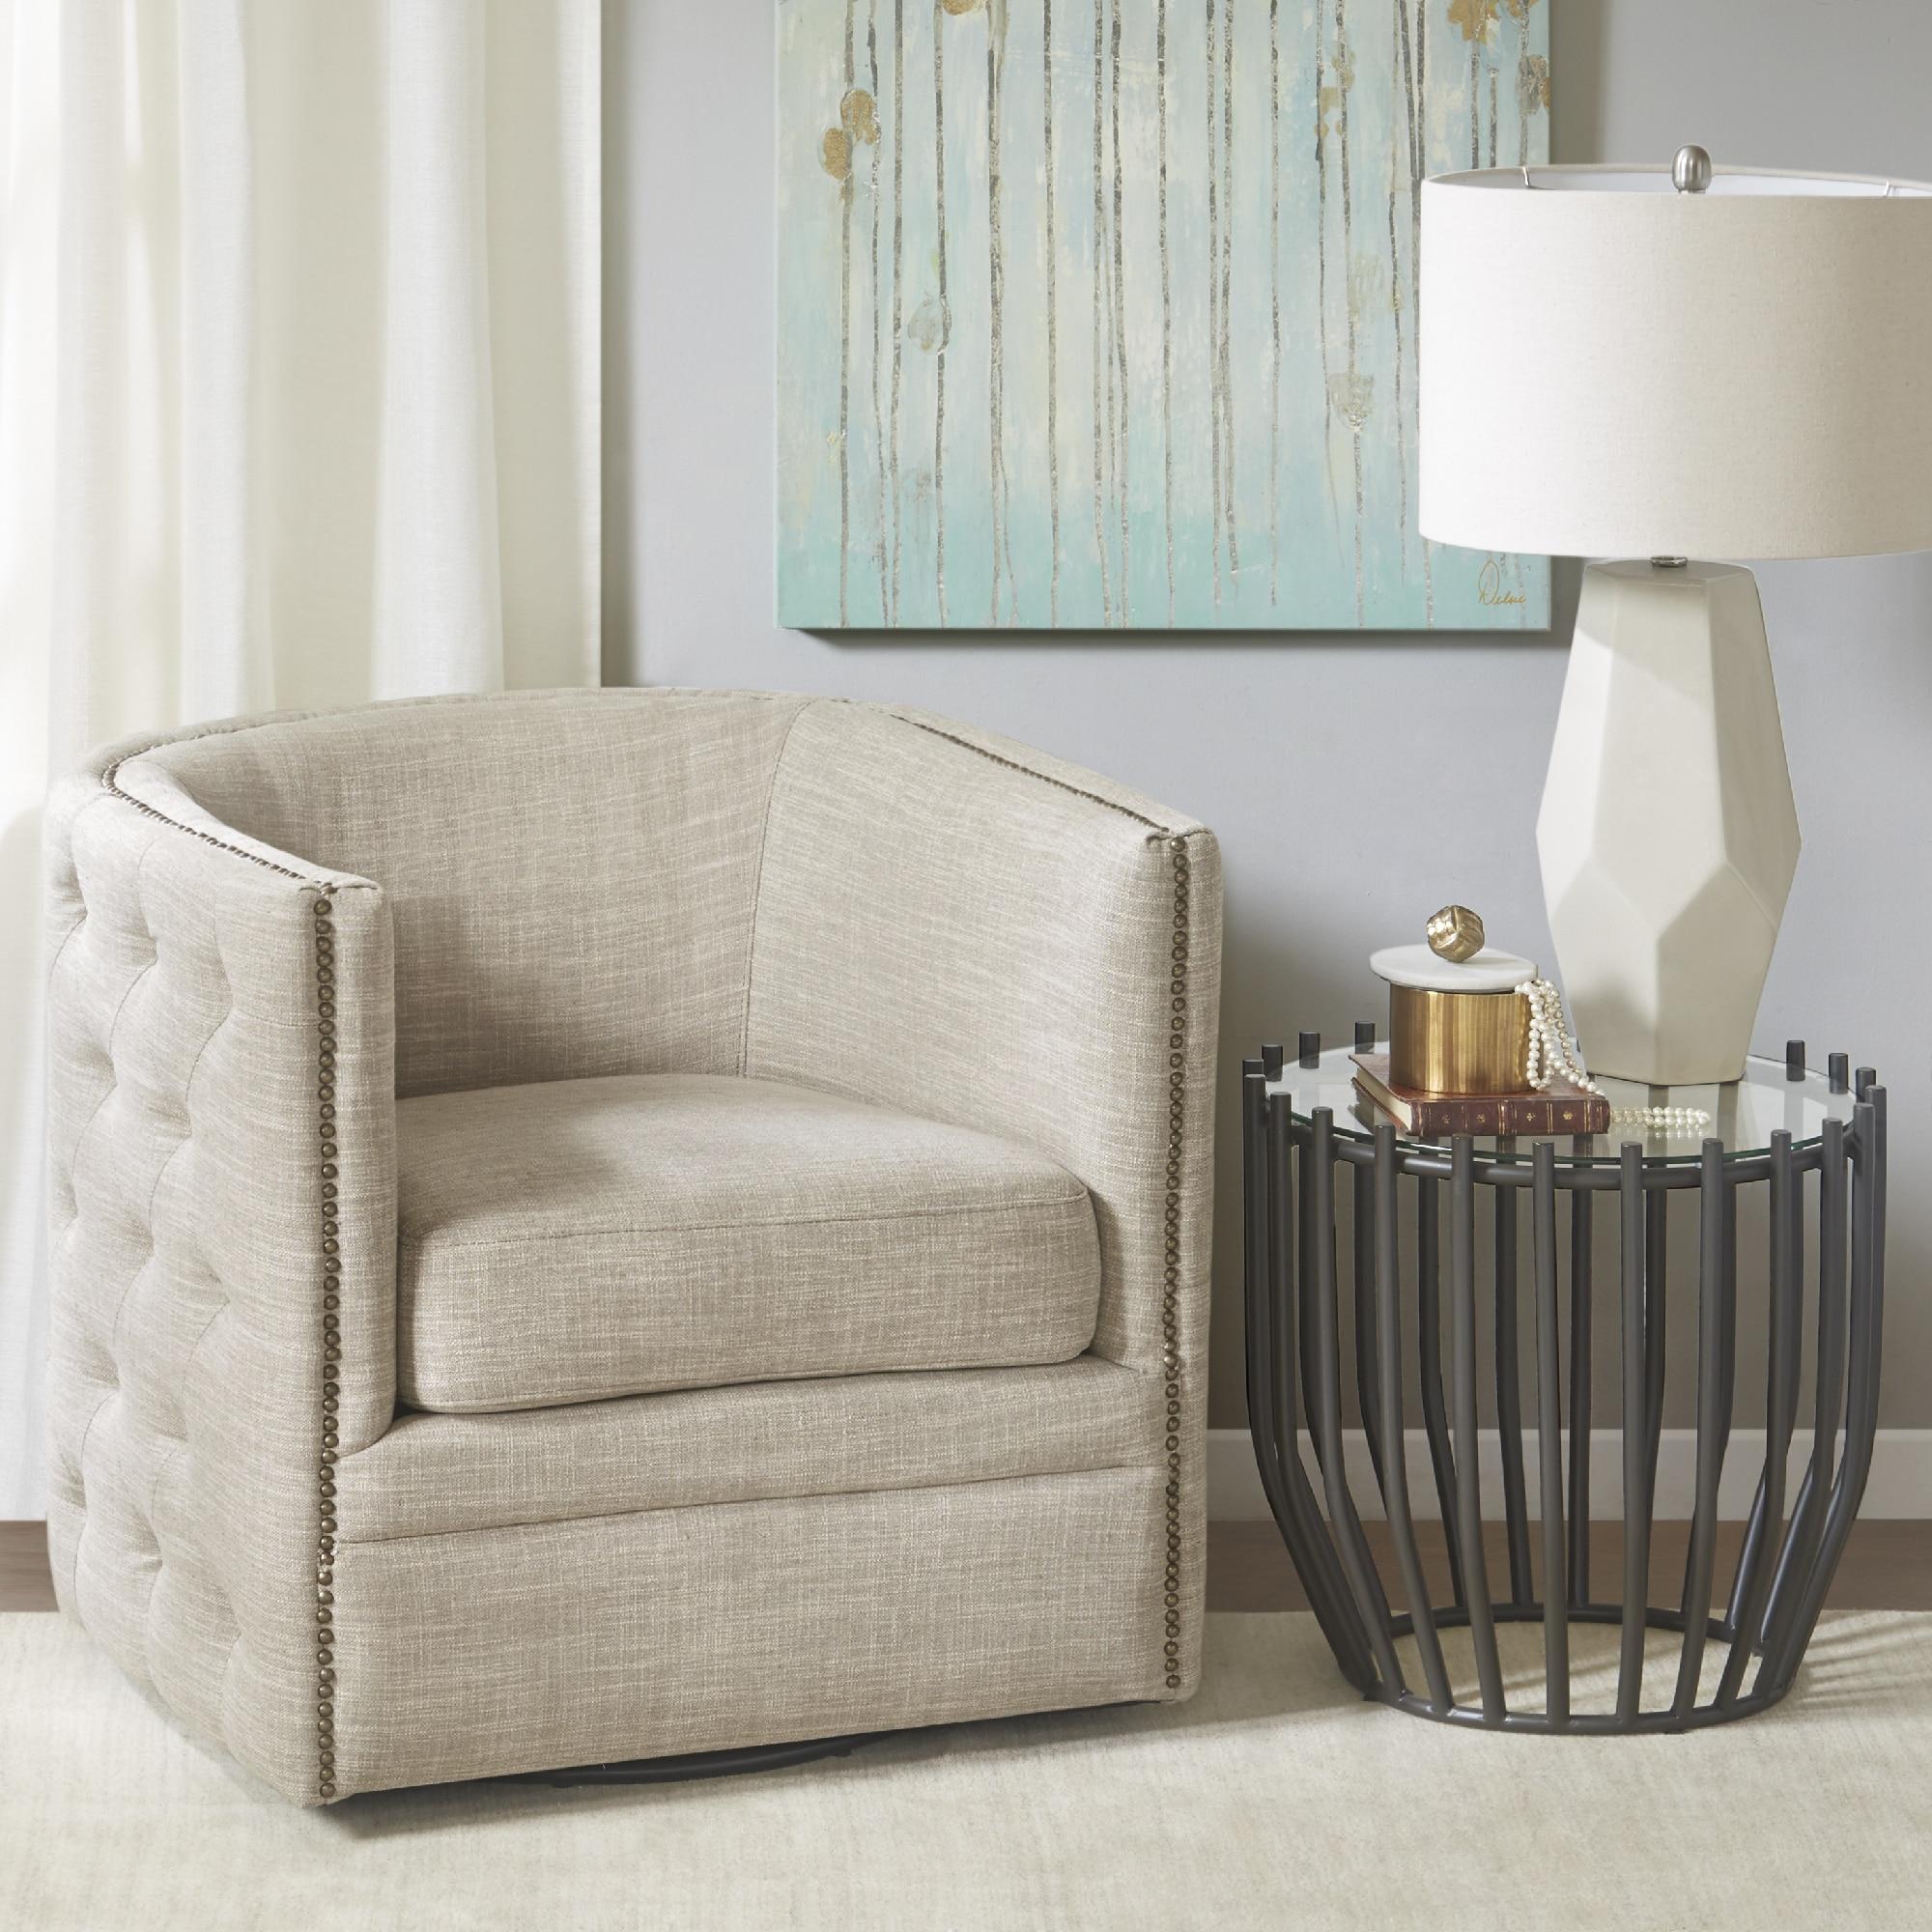 Madison park wilmette cream linen upholstered swivel chair